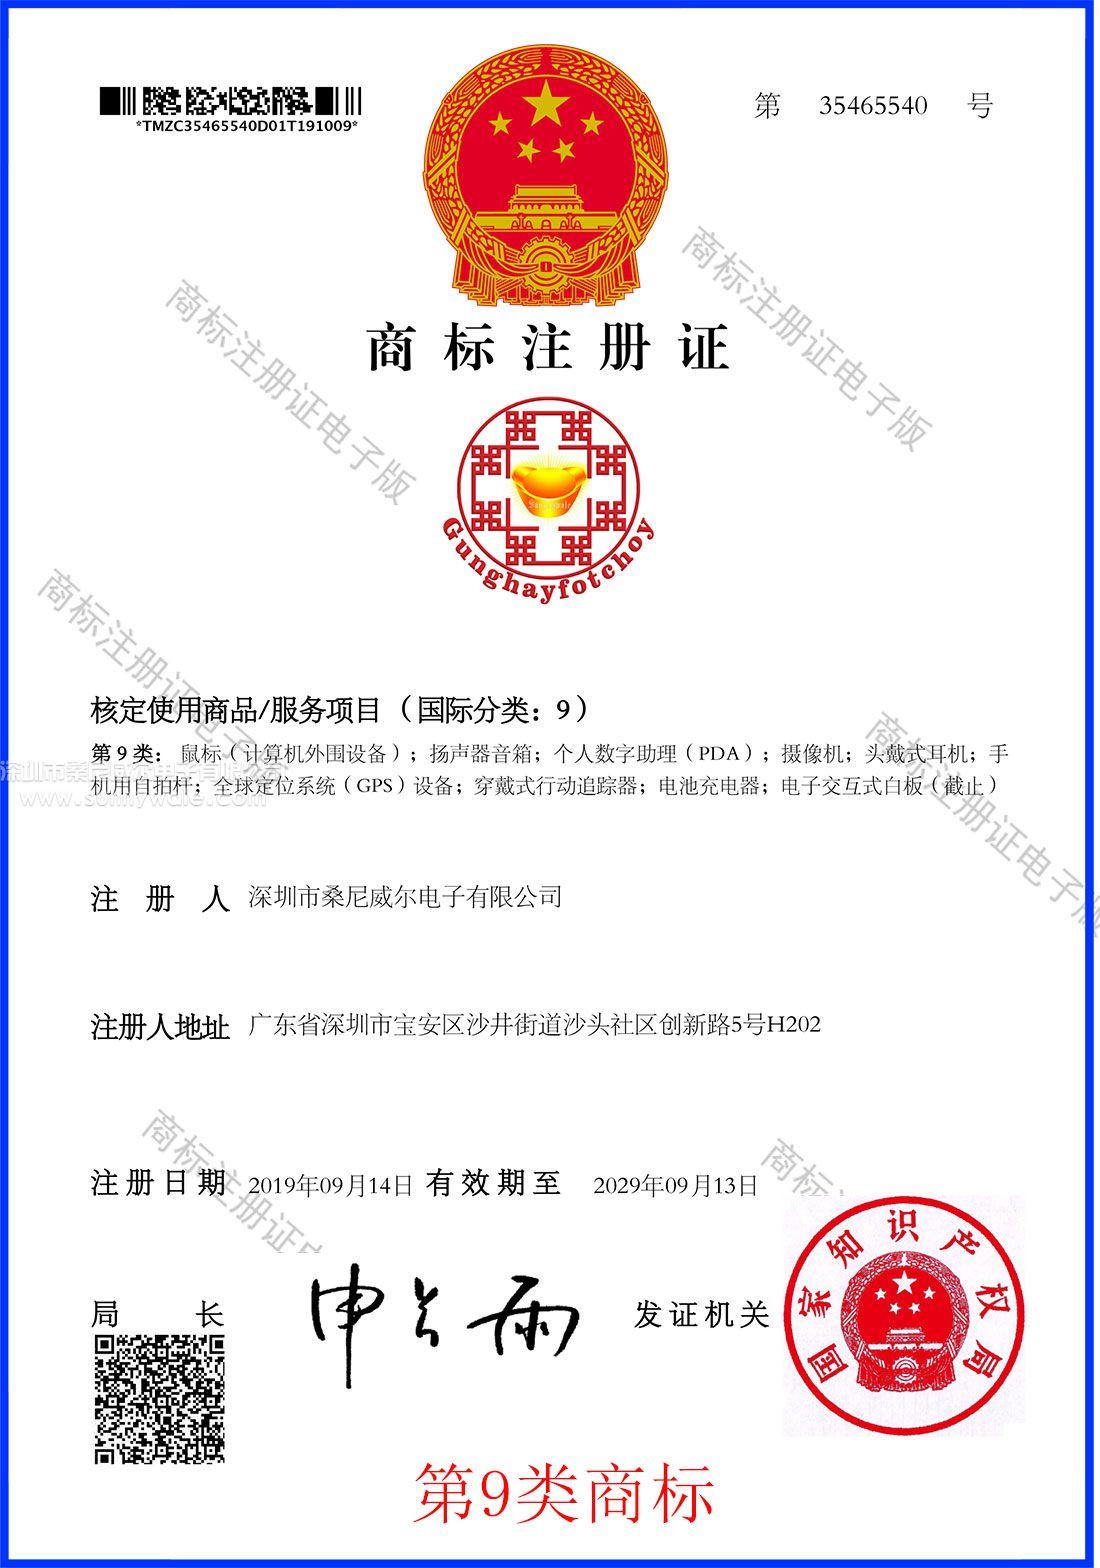 深圳市桑尼威尔电子有限公司中国第9类商标